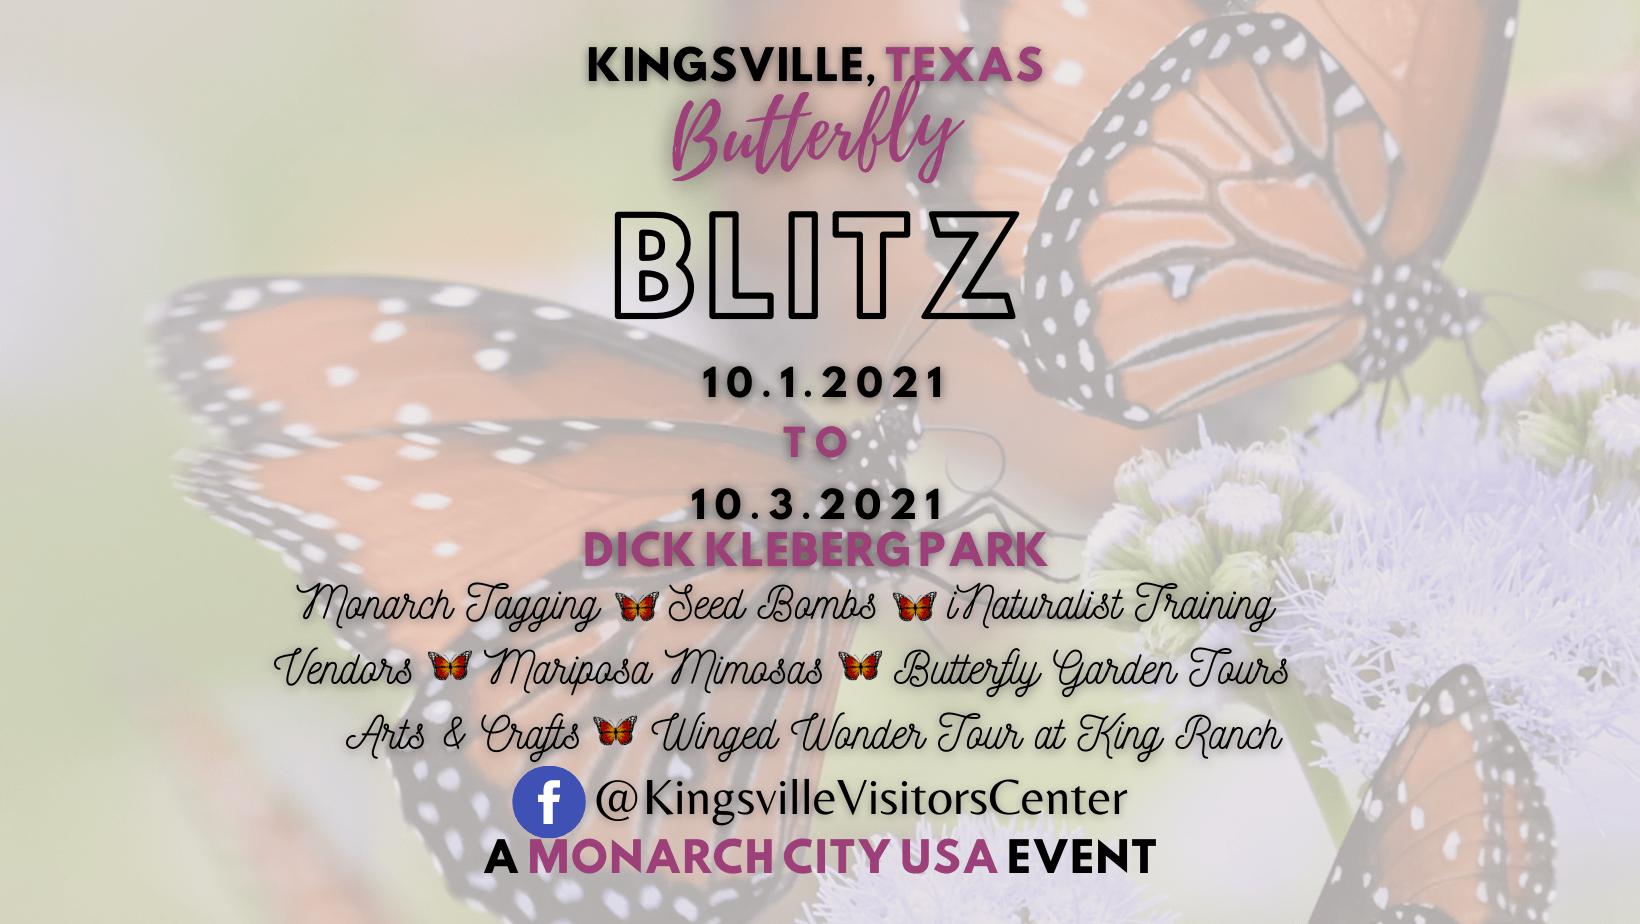 Kingsville Butterfly Blitz - October 1st to 3rd at Dick Kleberg Park